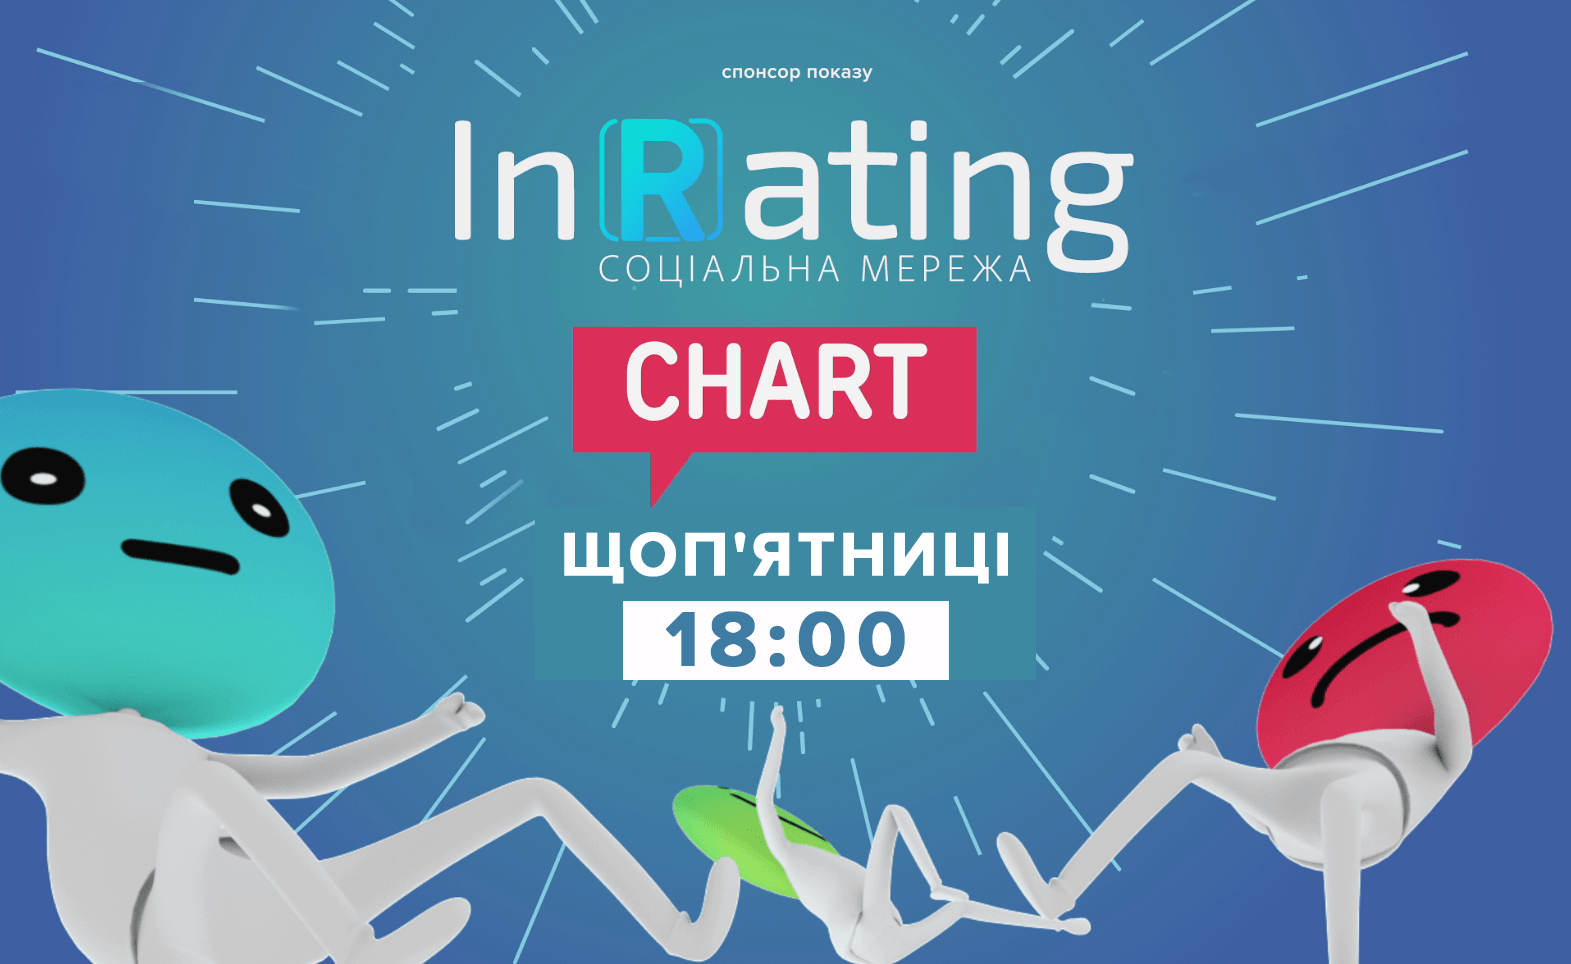 InRating chart на М1 новый хит-парад, в котором всё зависит от голосования зрителей